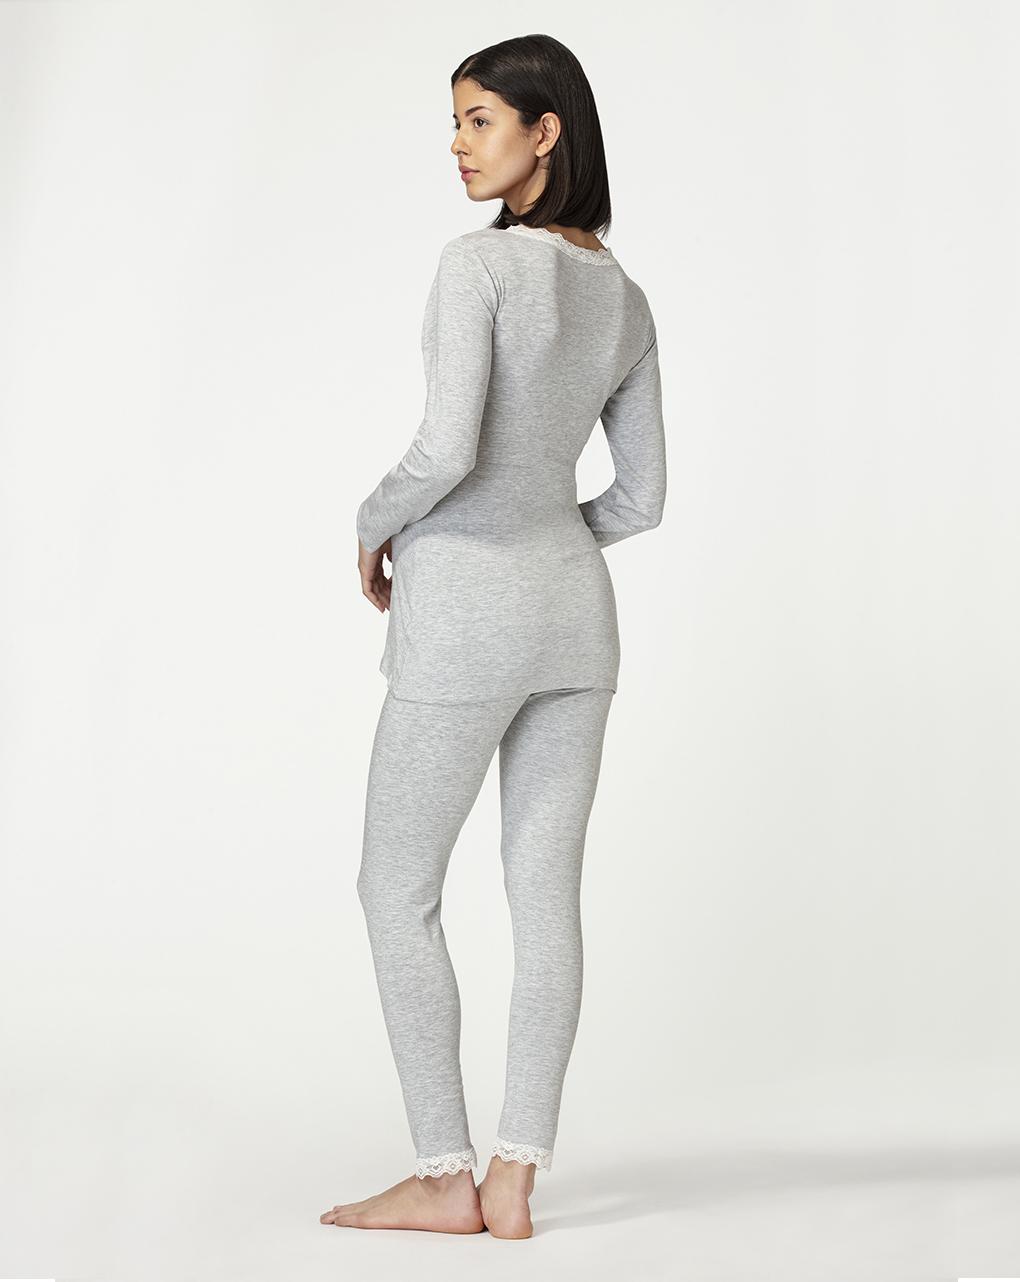 Pijama de enfermagem de mangas compridas com detalhes em renda - Prénatal